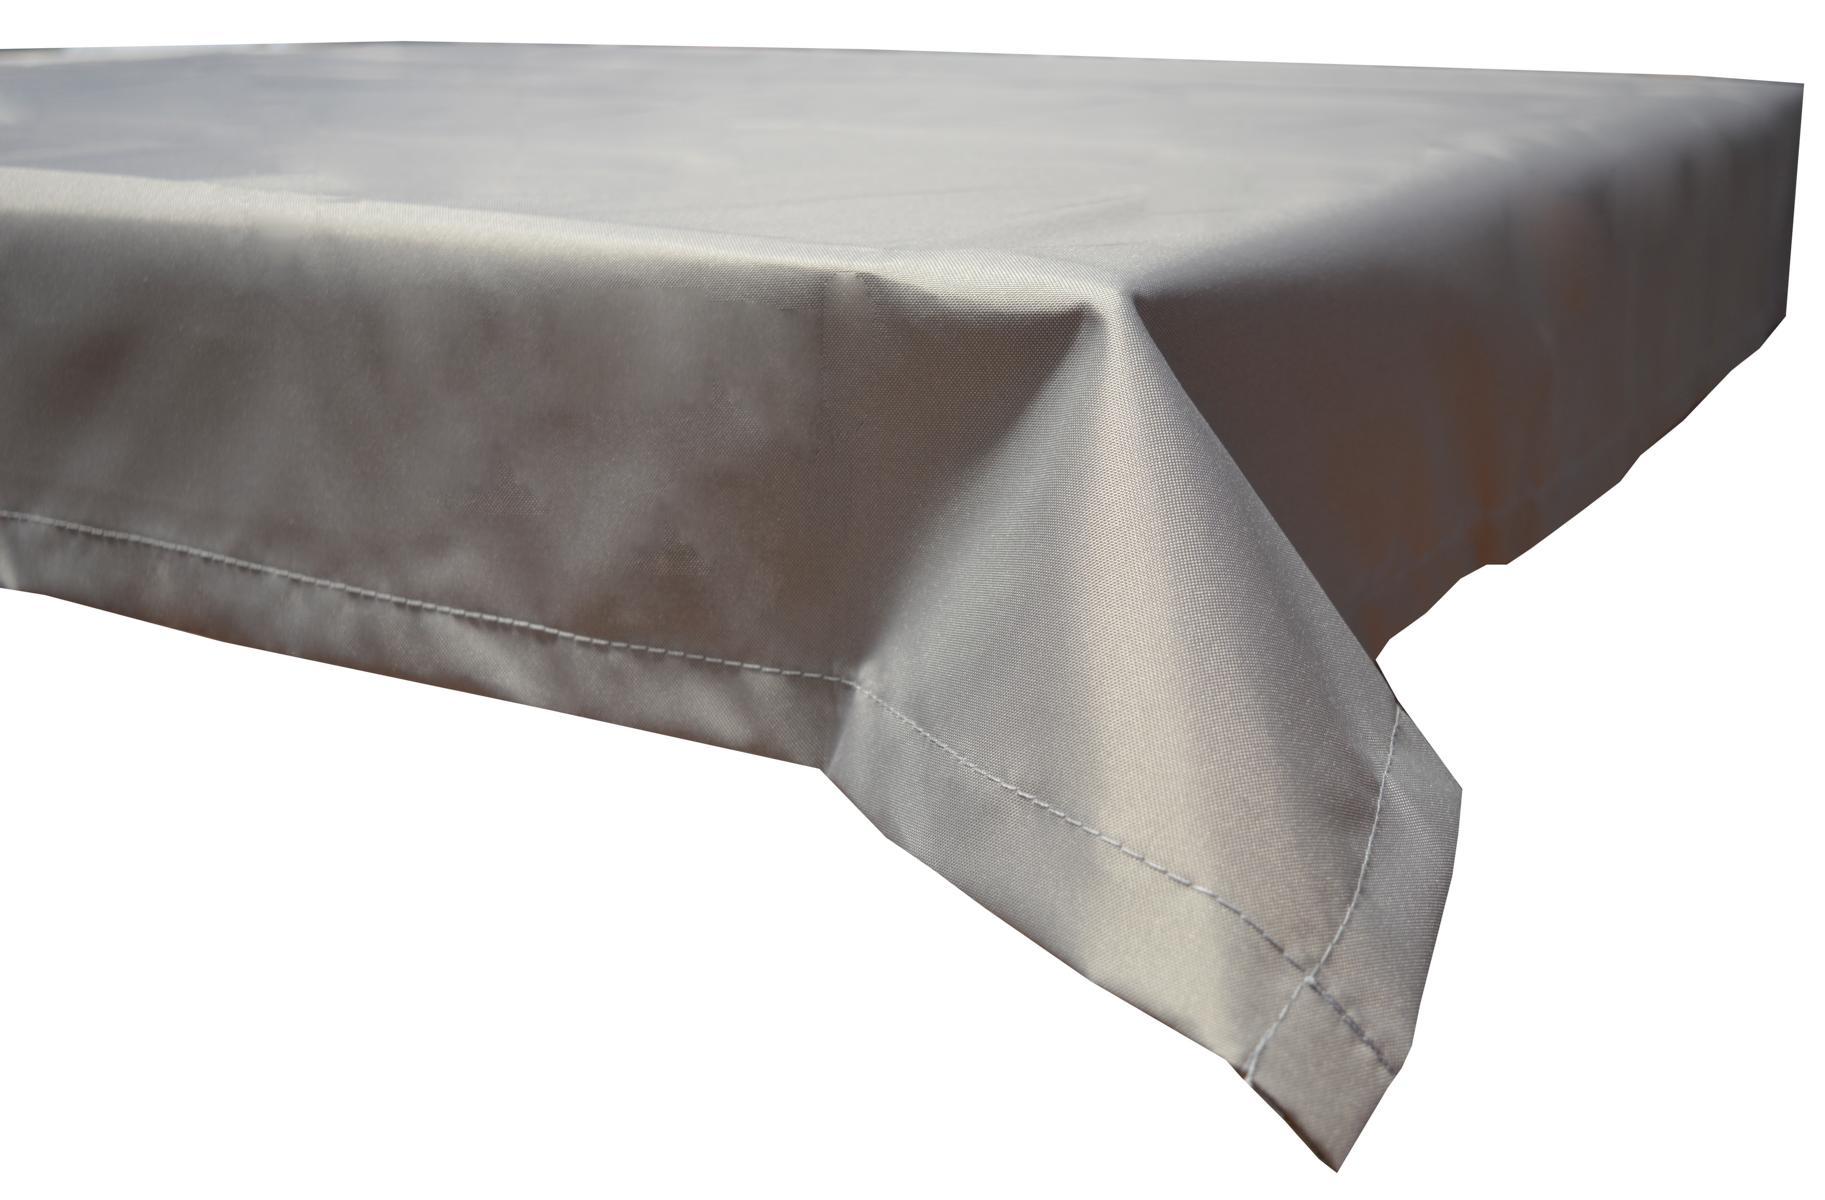 Wasserabweisende Tischdecke 100% Polyester in hellgrau 76x76 cm